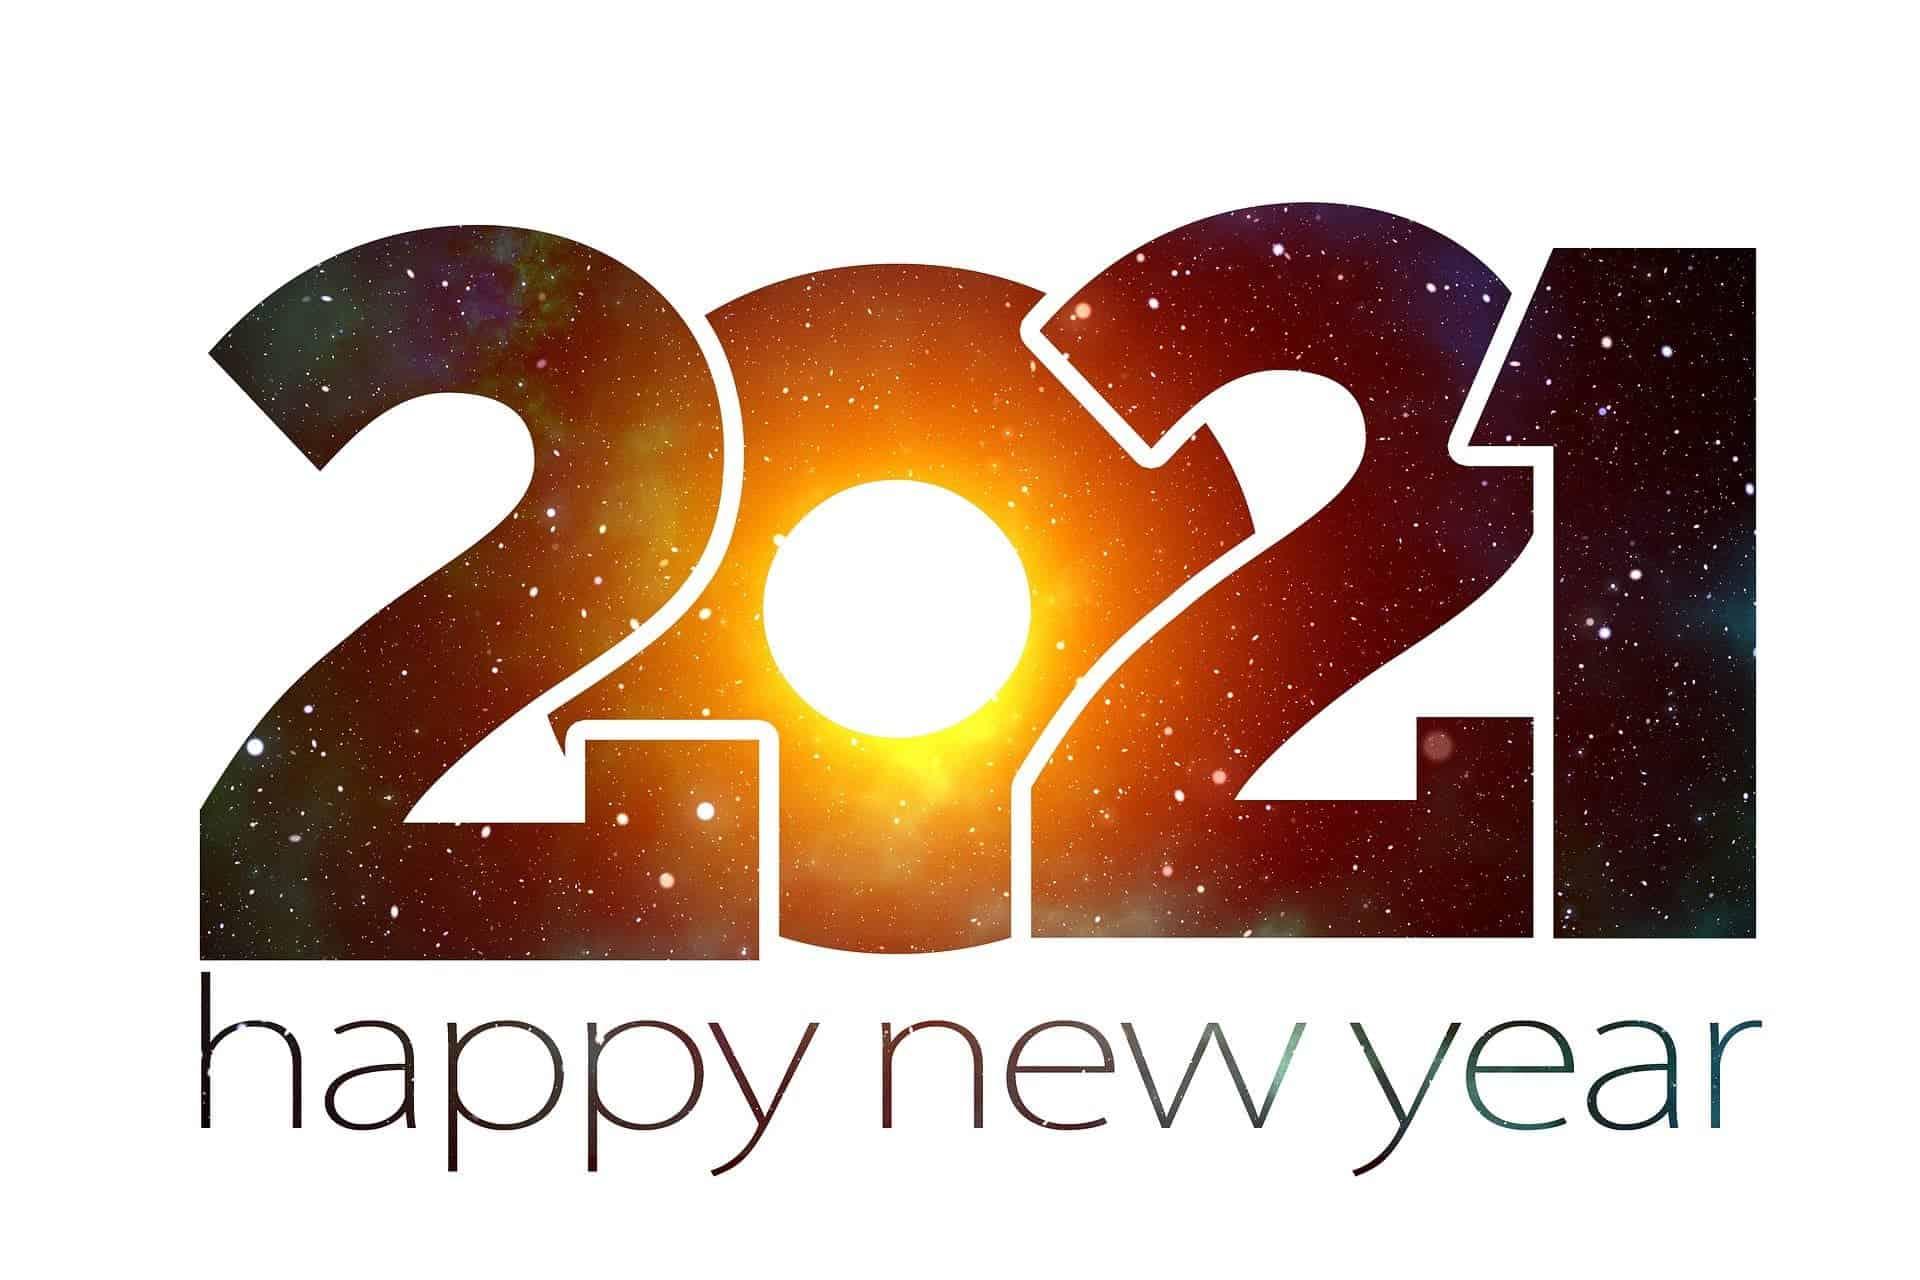 Frases originales para felicitar el nuevo año 2021 1